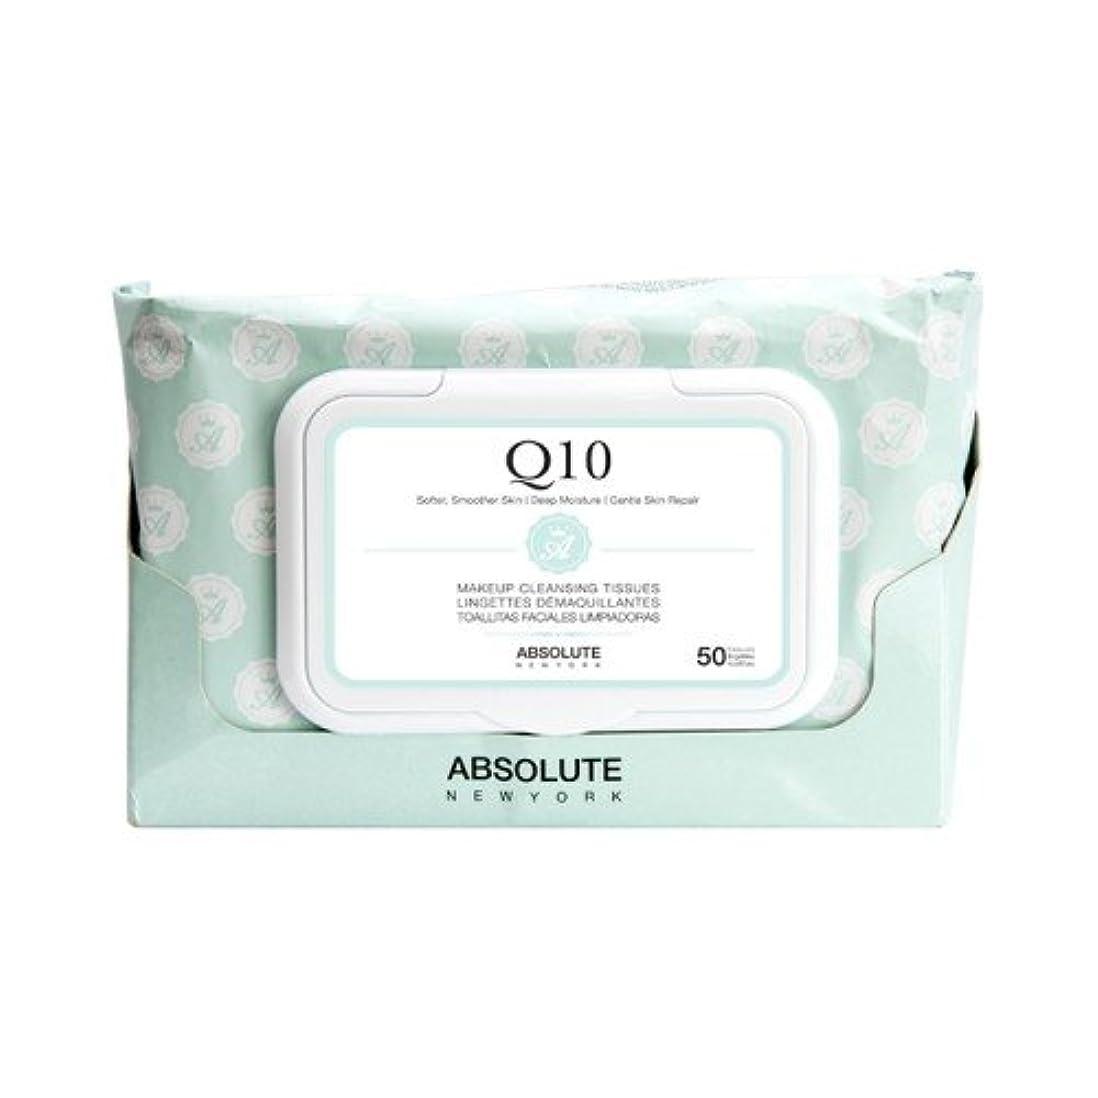 歌詞その後引き算(3 Pack) ABSOLUTE Makeup Cleansing Tissue 50CT - Q10 (並行輸入品)